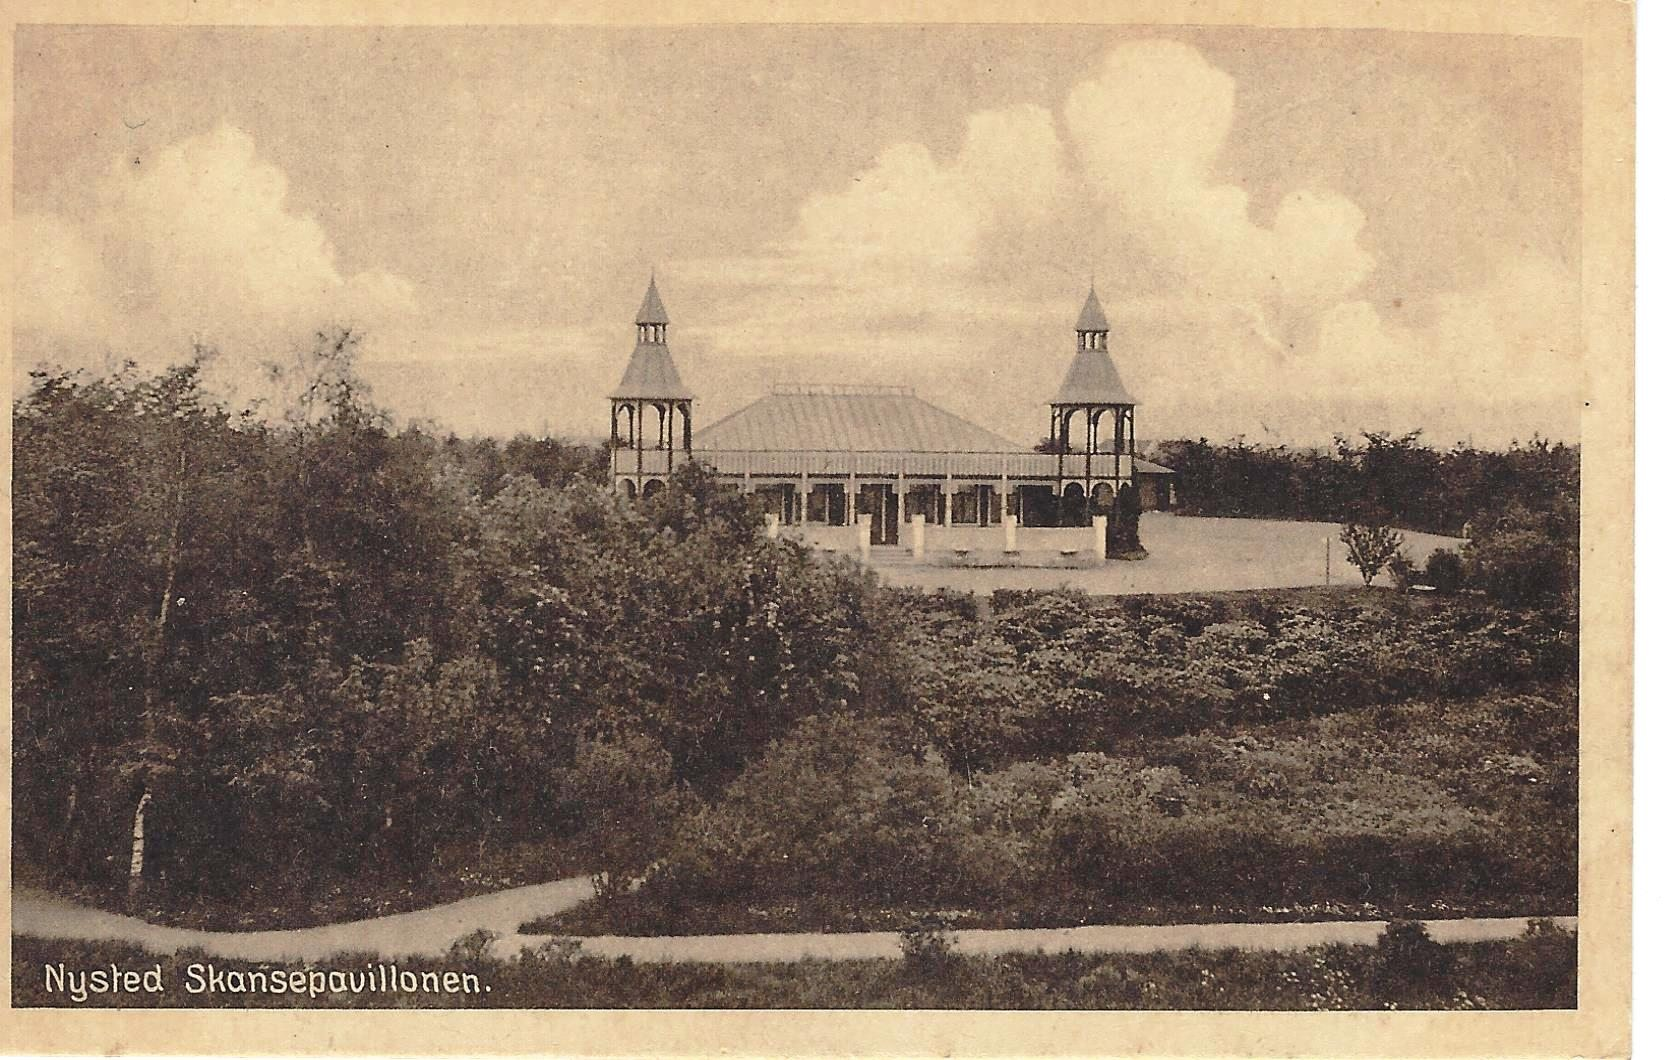 09-Skansepavillonen-1916-01